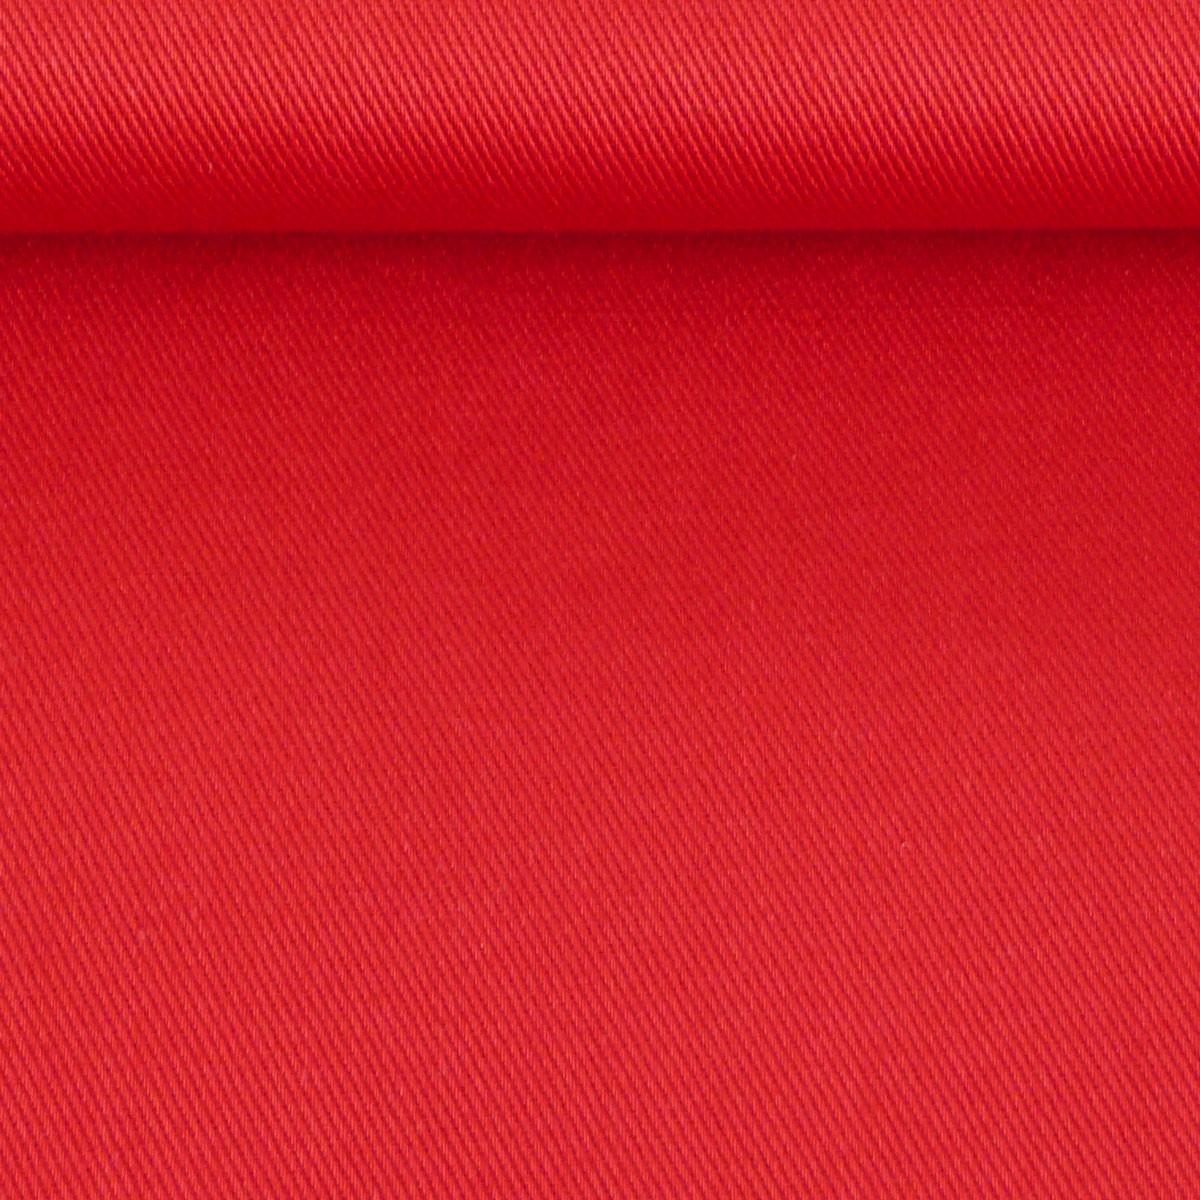 Bekleidungsstoff Baumwoll Köper rot 1,4m Breite